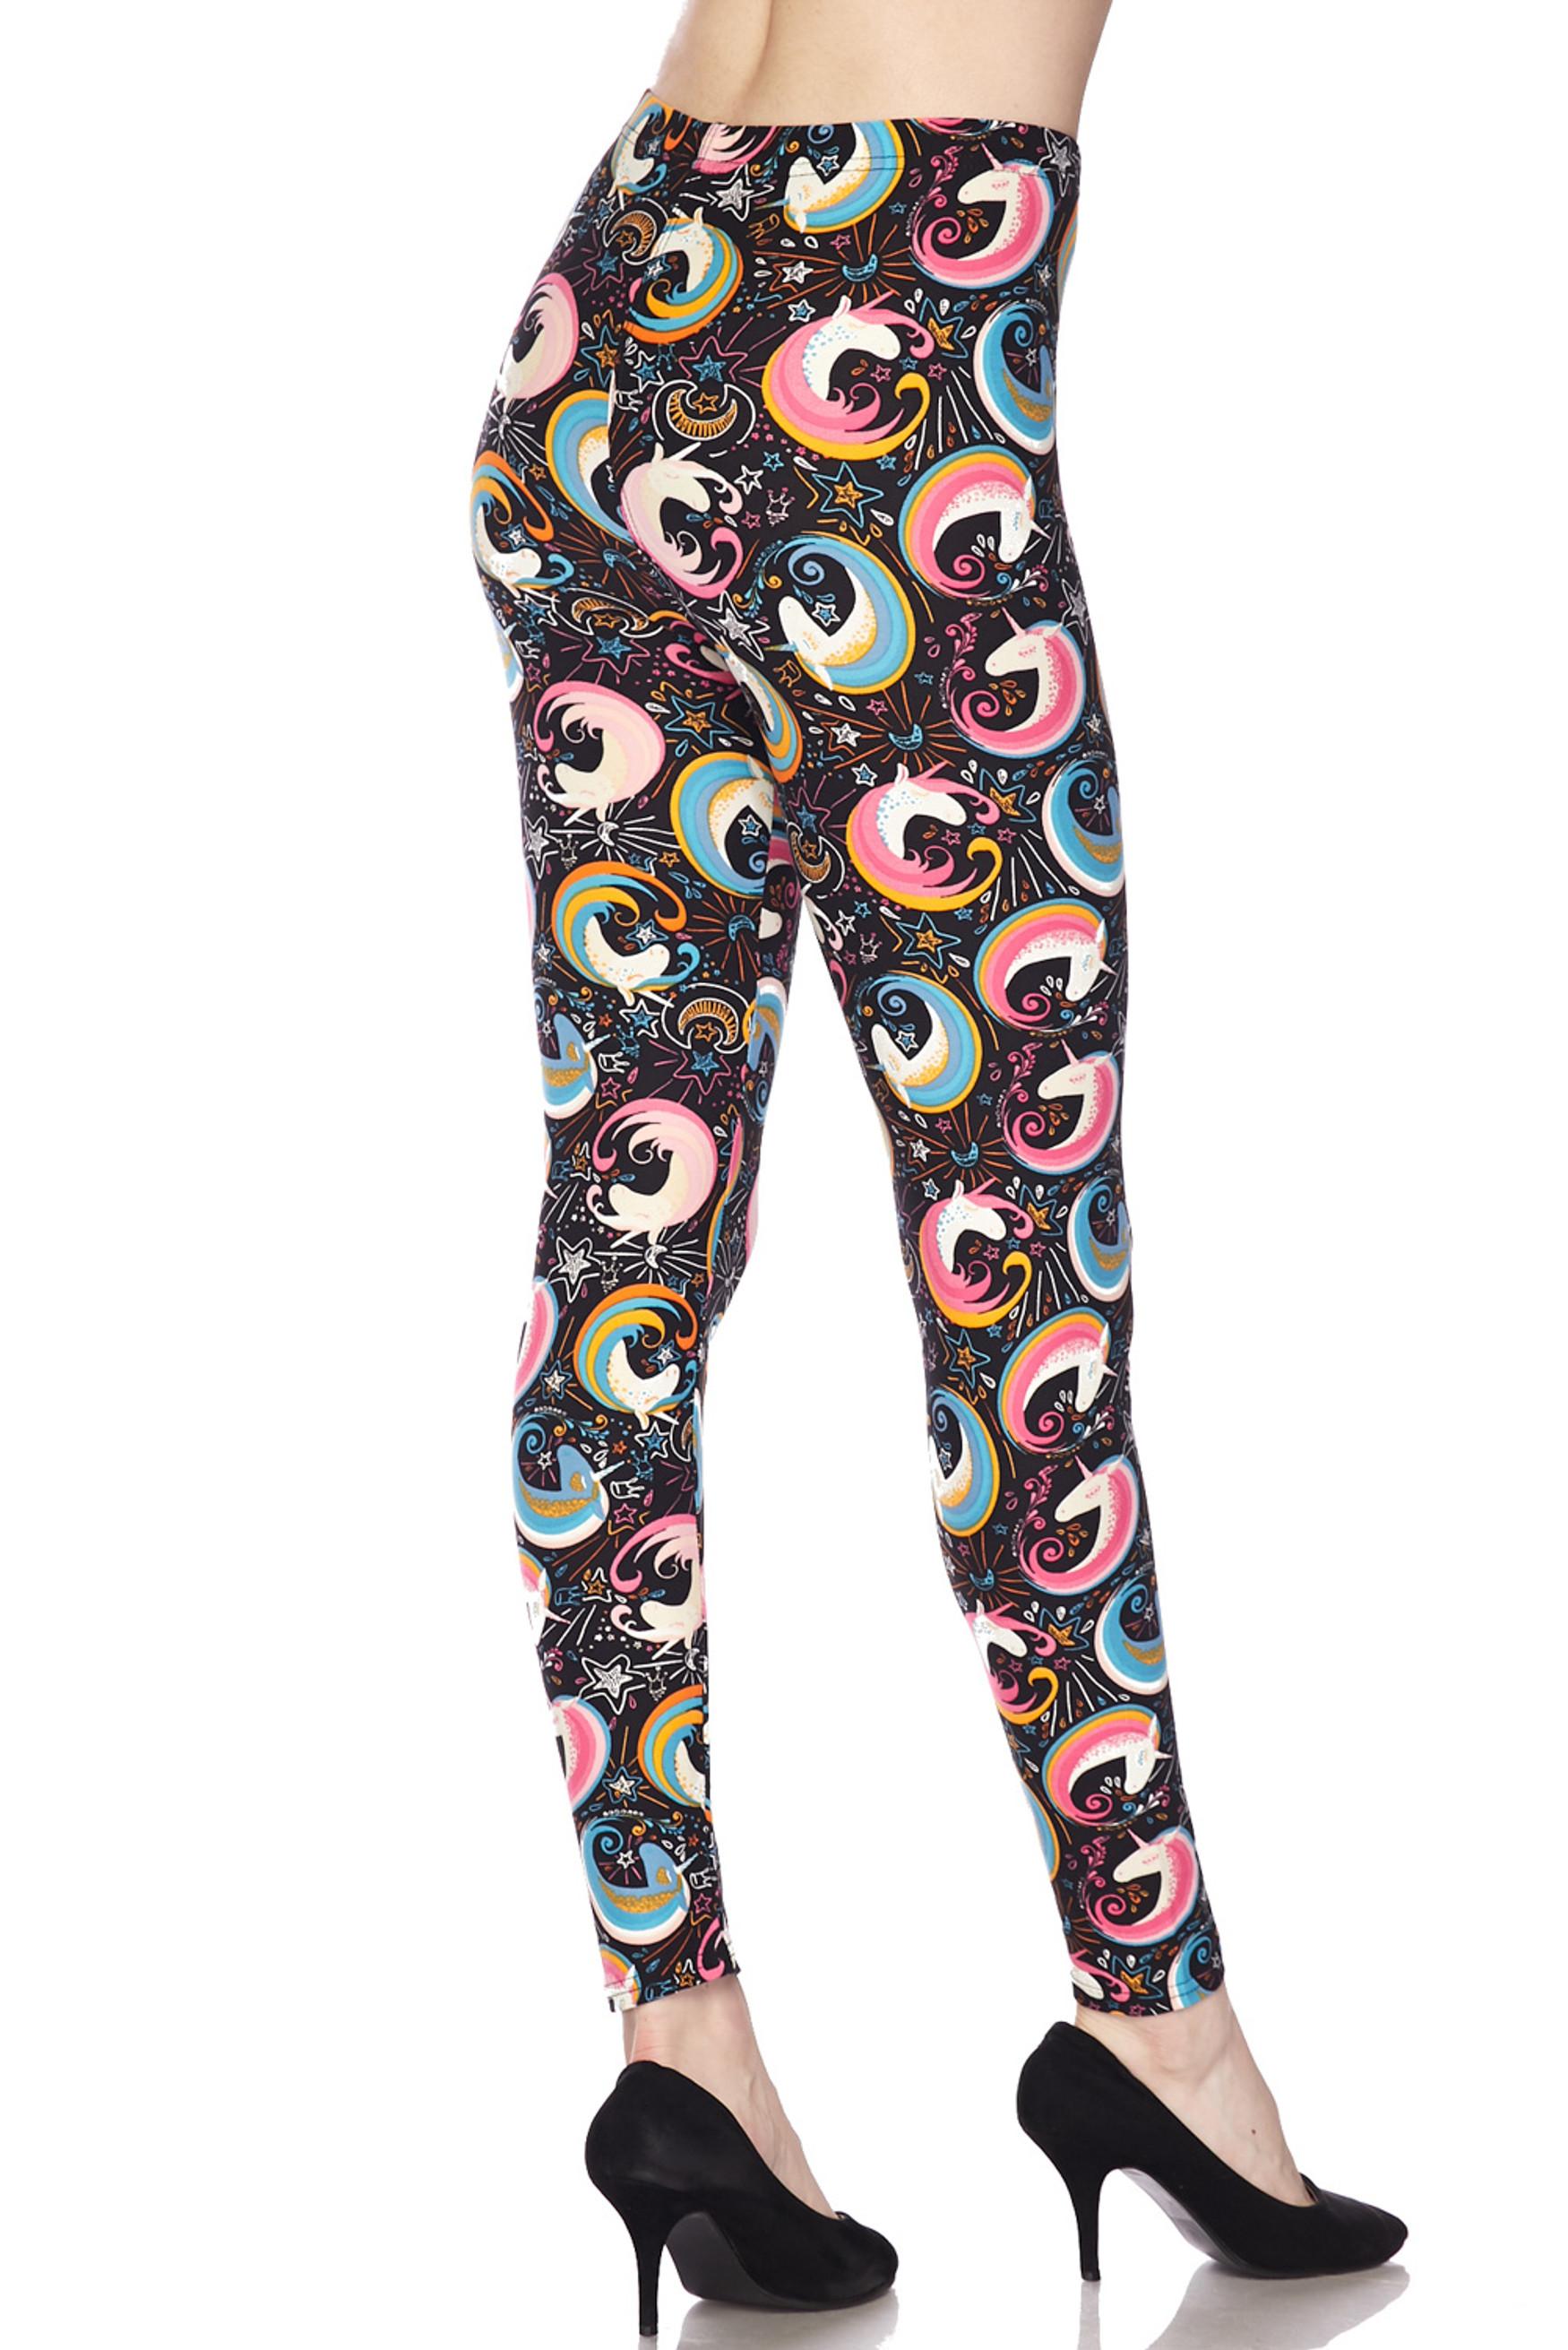 Soft Brushed Groovy Hip Unicorn Extra Plus Size Leggings - 3X-5X